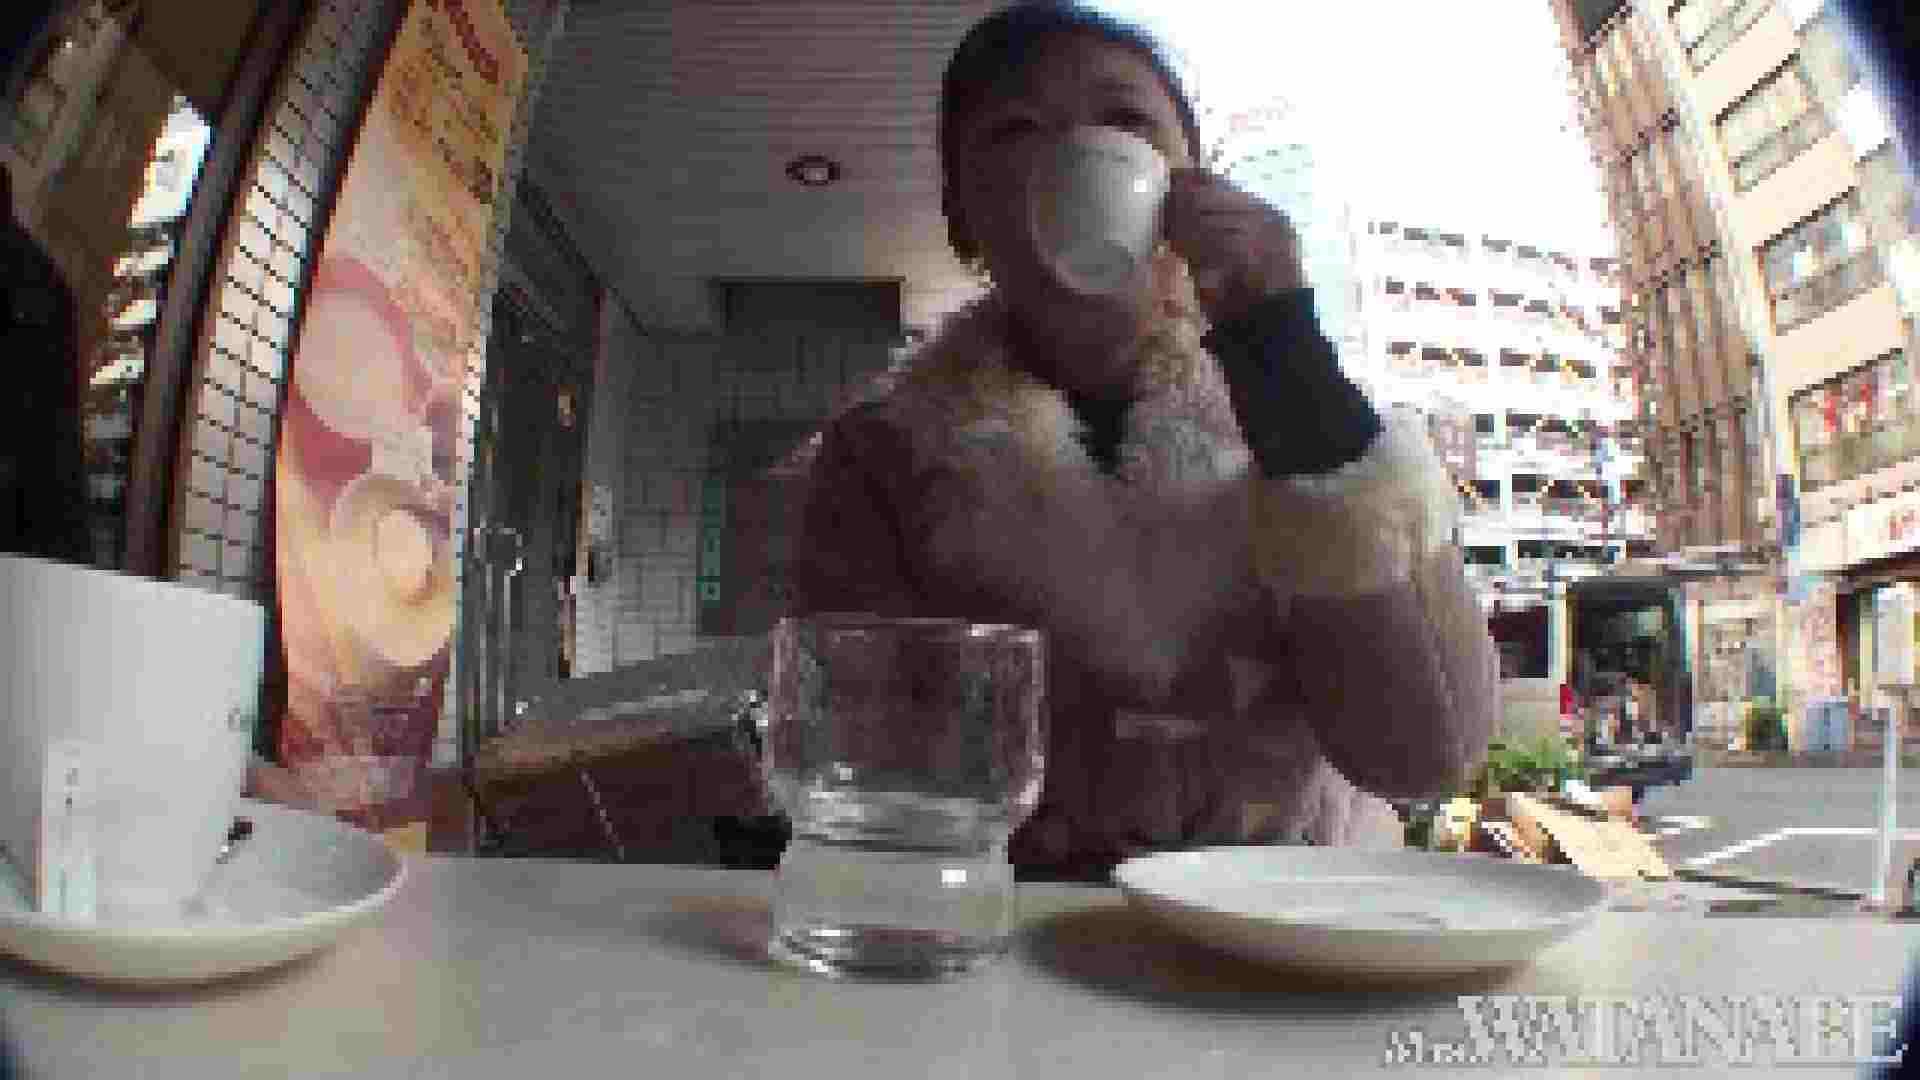 撮影スタッフを誘惑する痴熟女 かおり40歳 Vol.01 素人丸裸 戯れ無修正画像 105pic 83